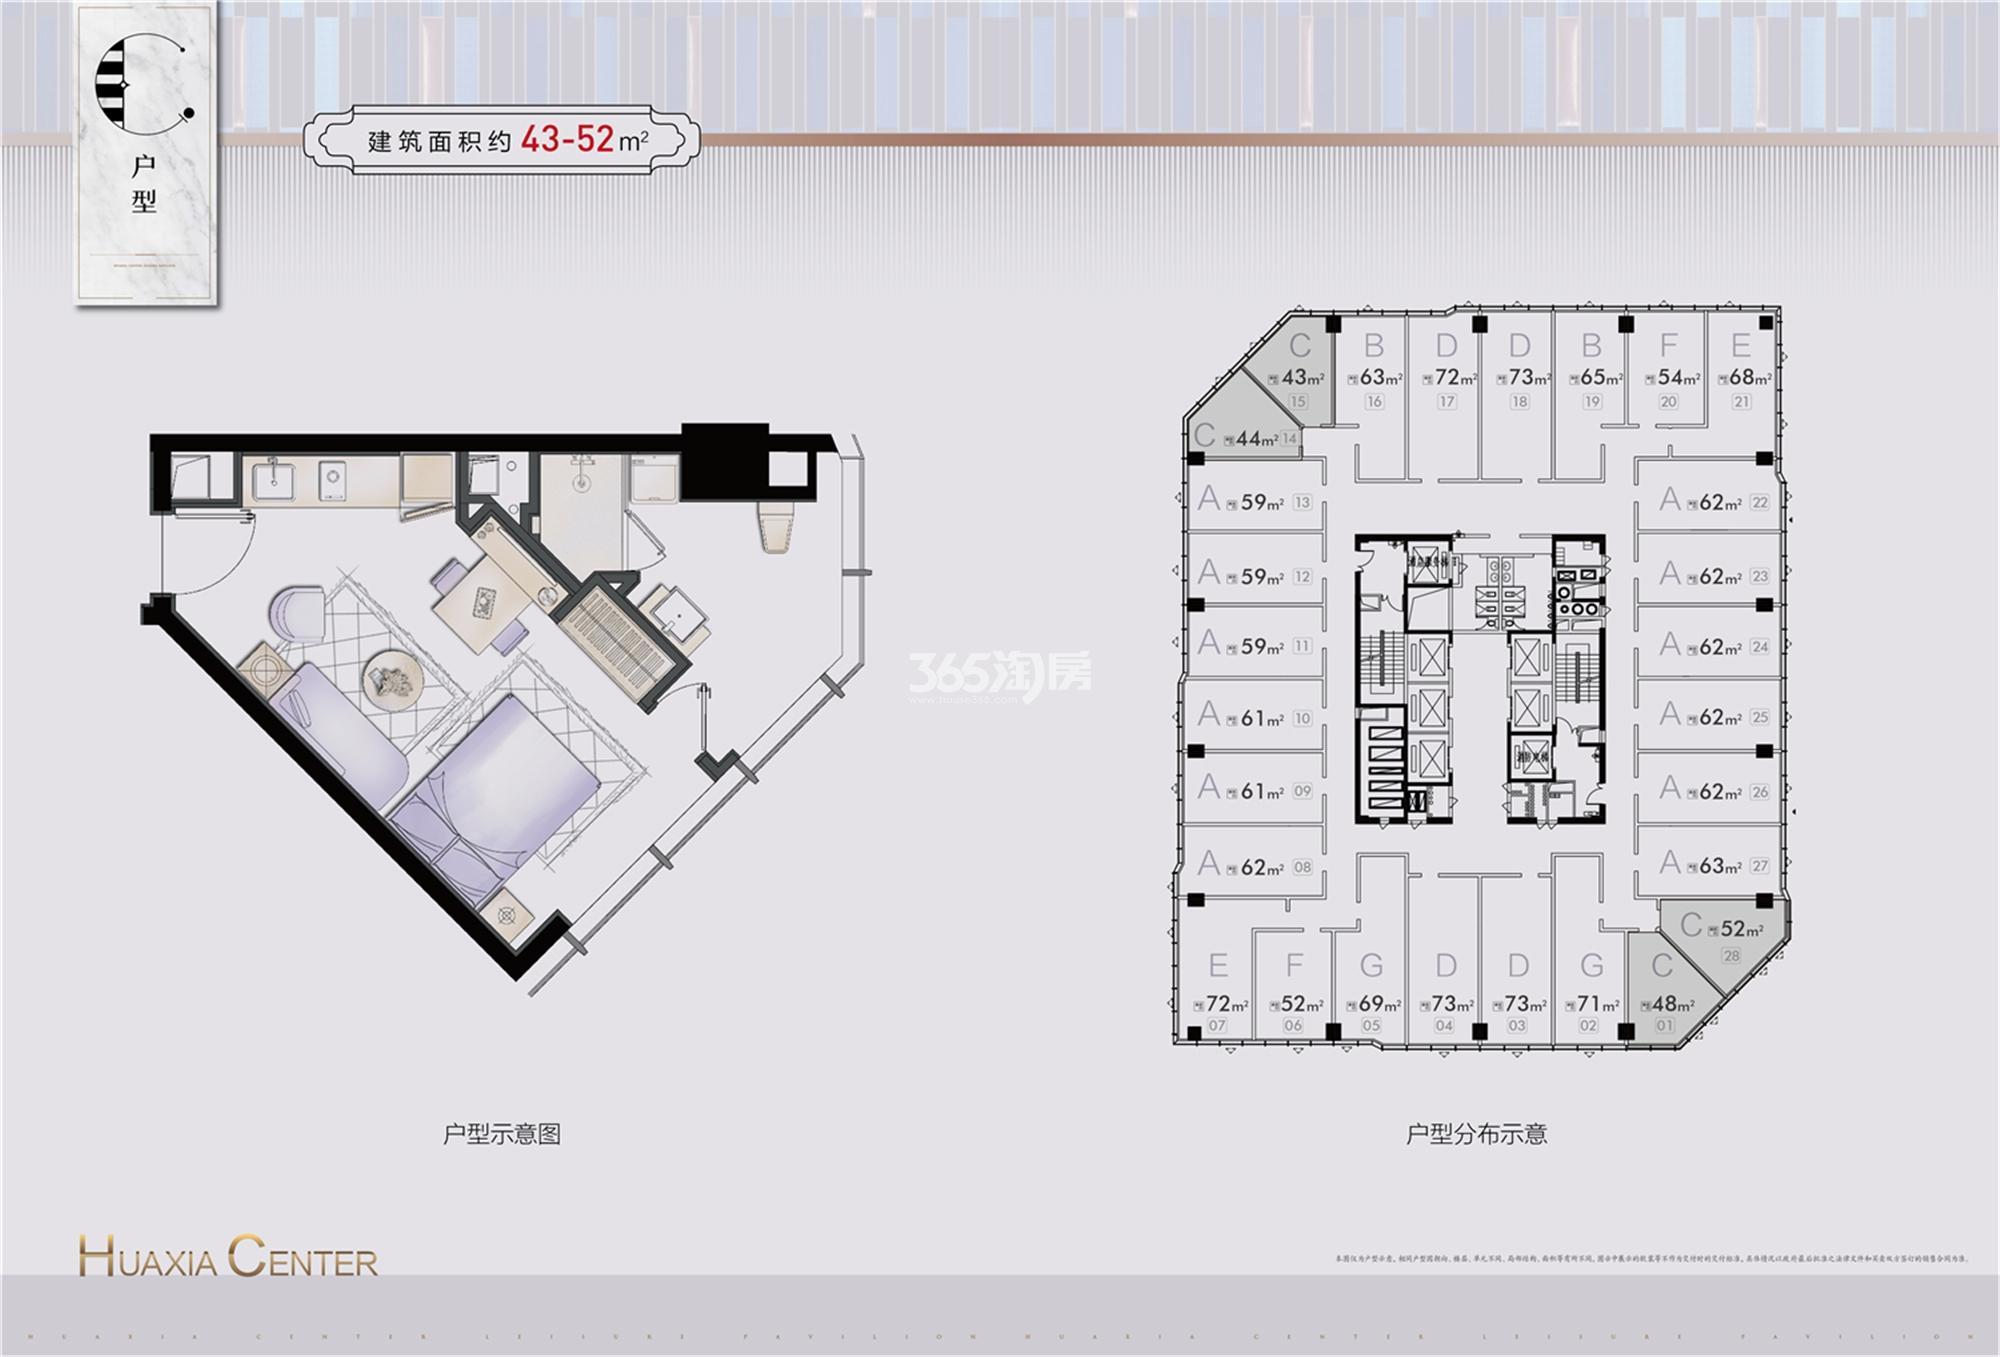 华夏之心公寓C户型 约43-52㎡